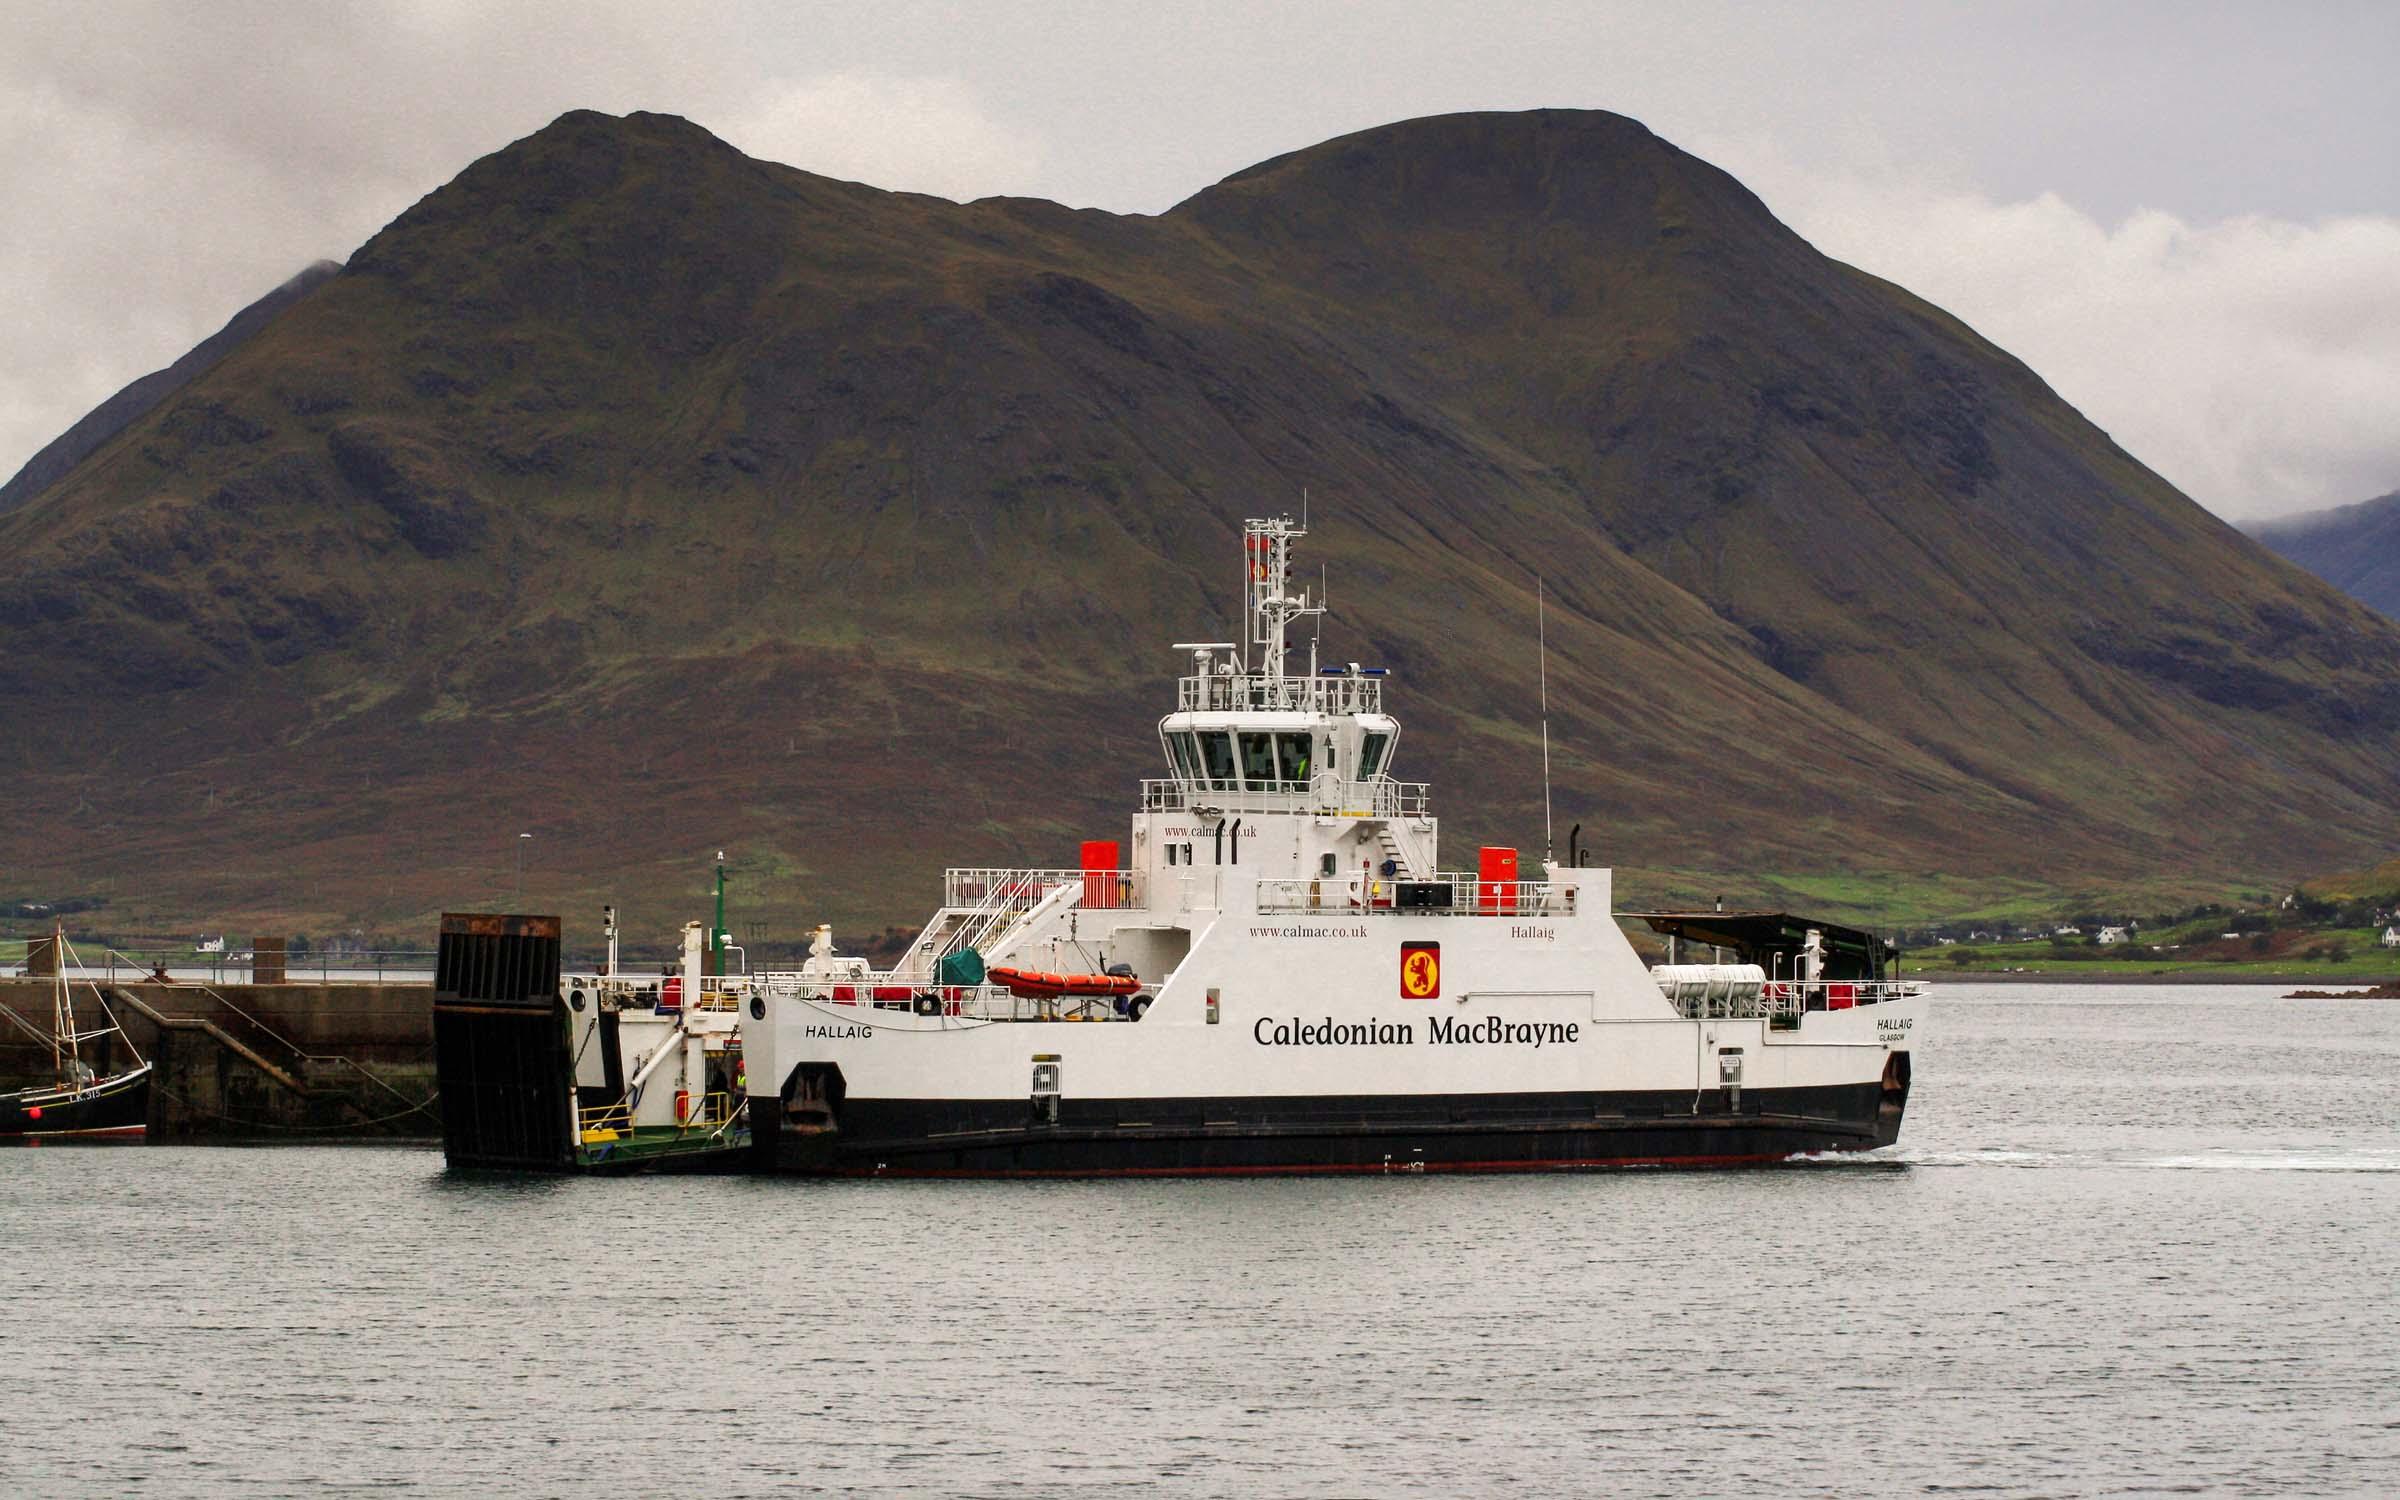 Hallaig arriving at Raasay's new pier (Ships of CalMac)